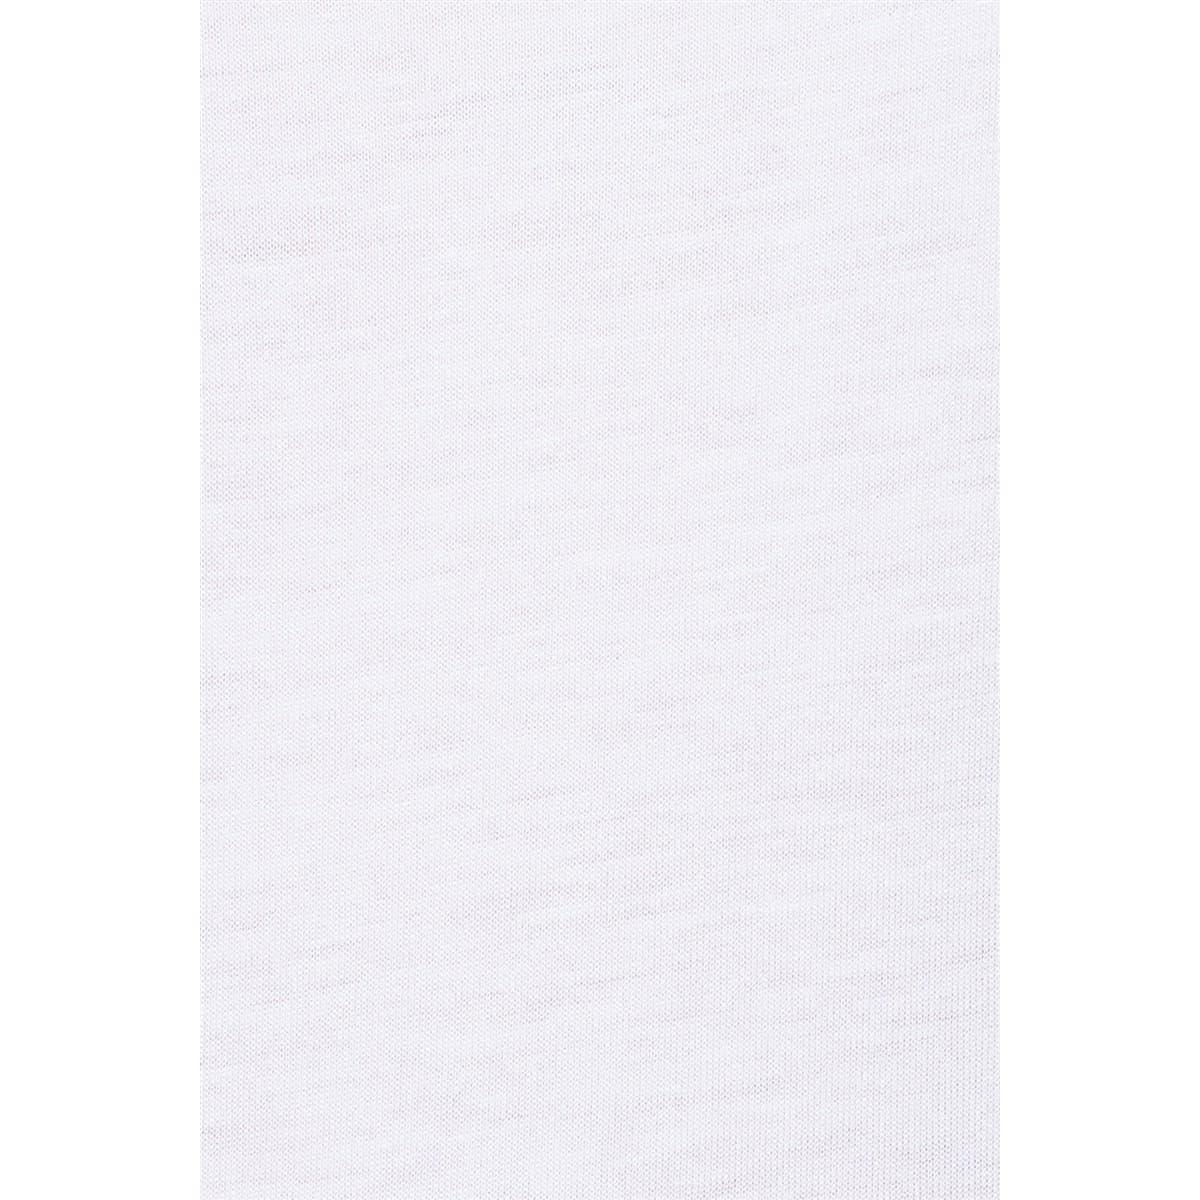 Kisa Kol Penye Beyaz